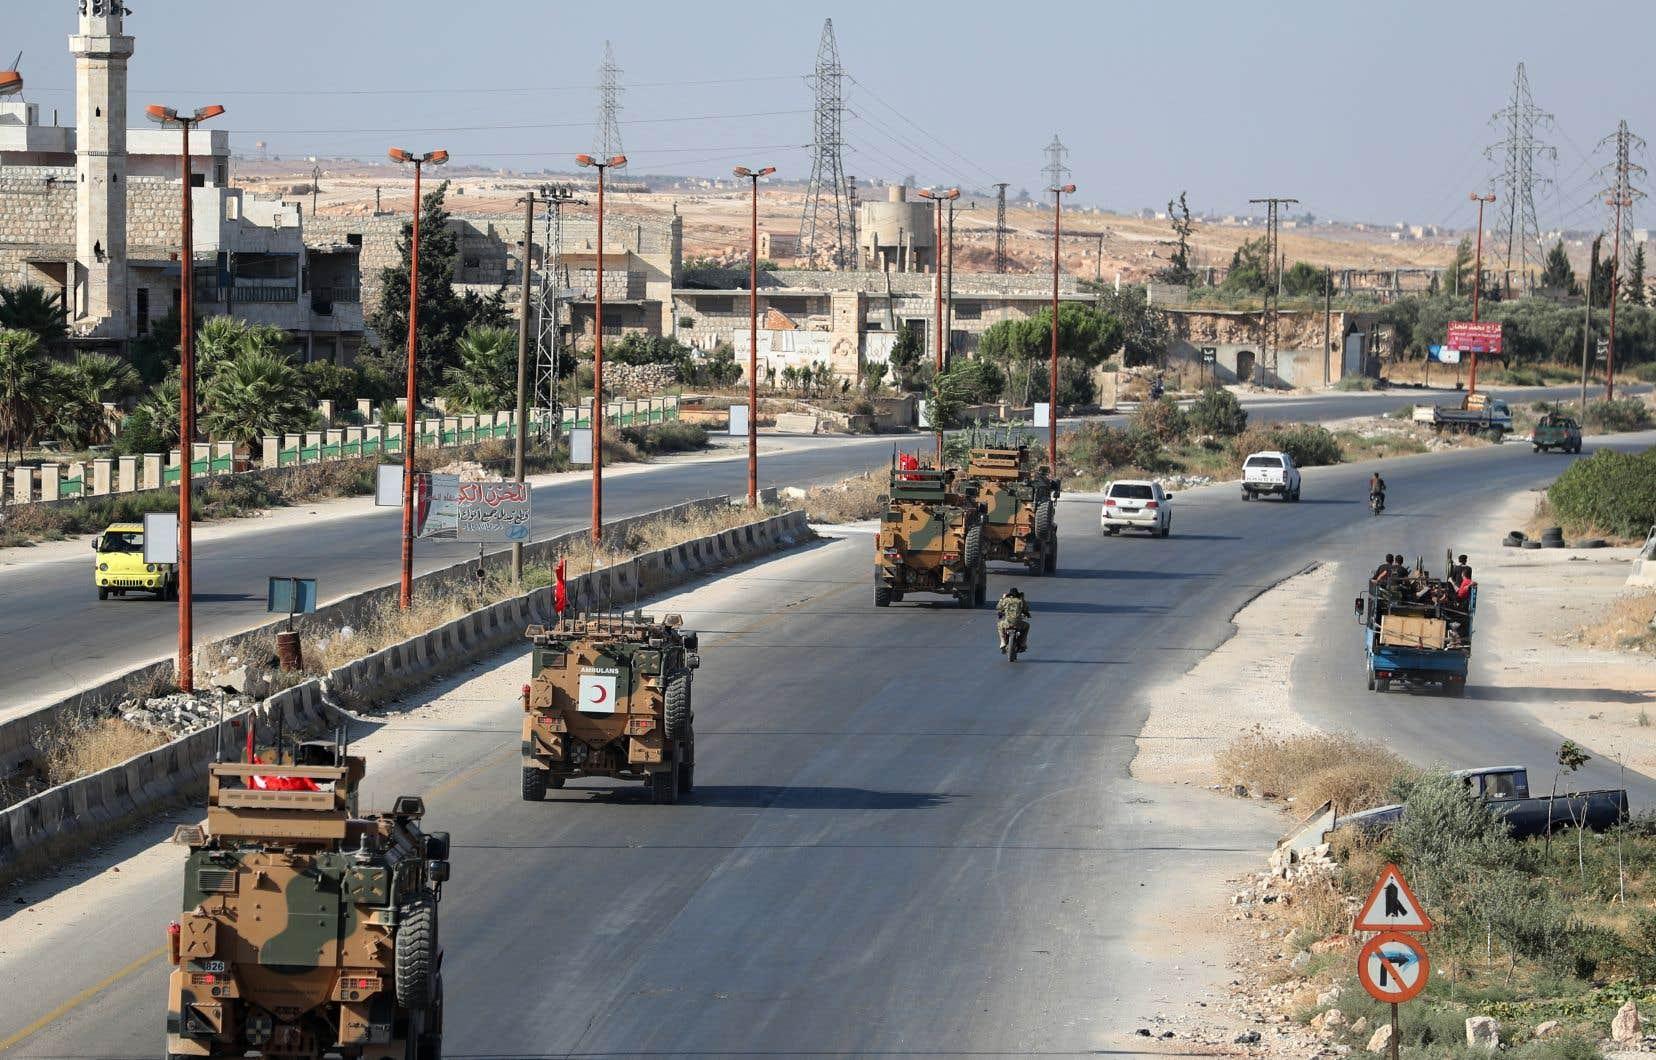 Des véhicules militaires turcs à Maaret al-Noomane, où seuls de rares habitants sont restés «pour protéger leurs maisons».